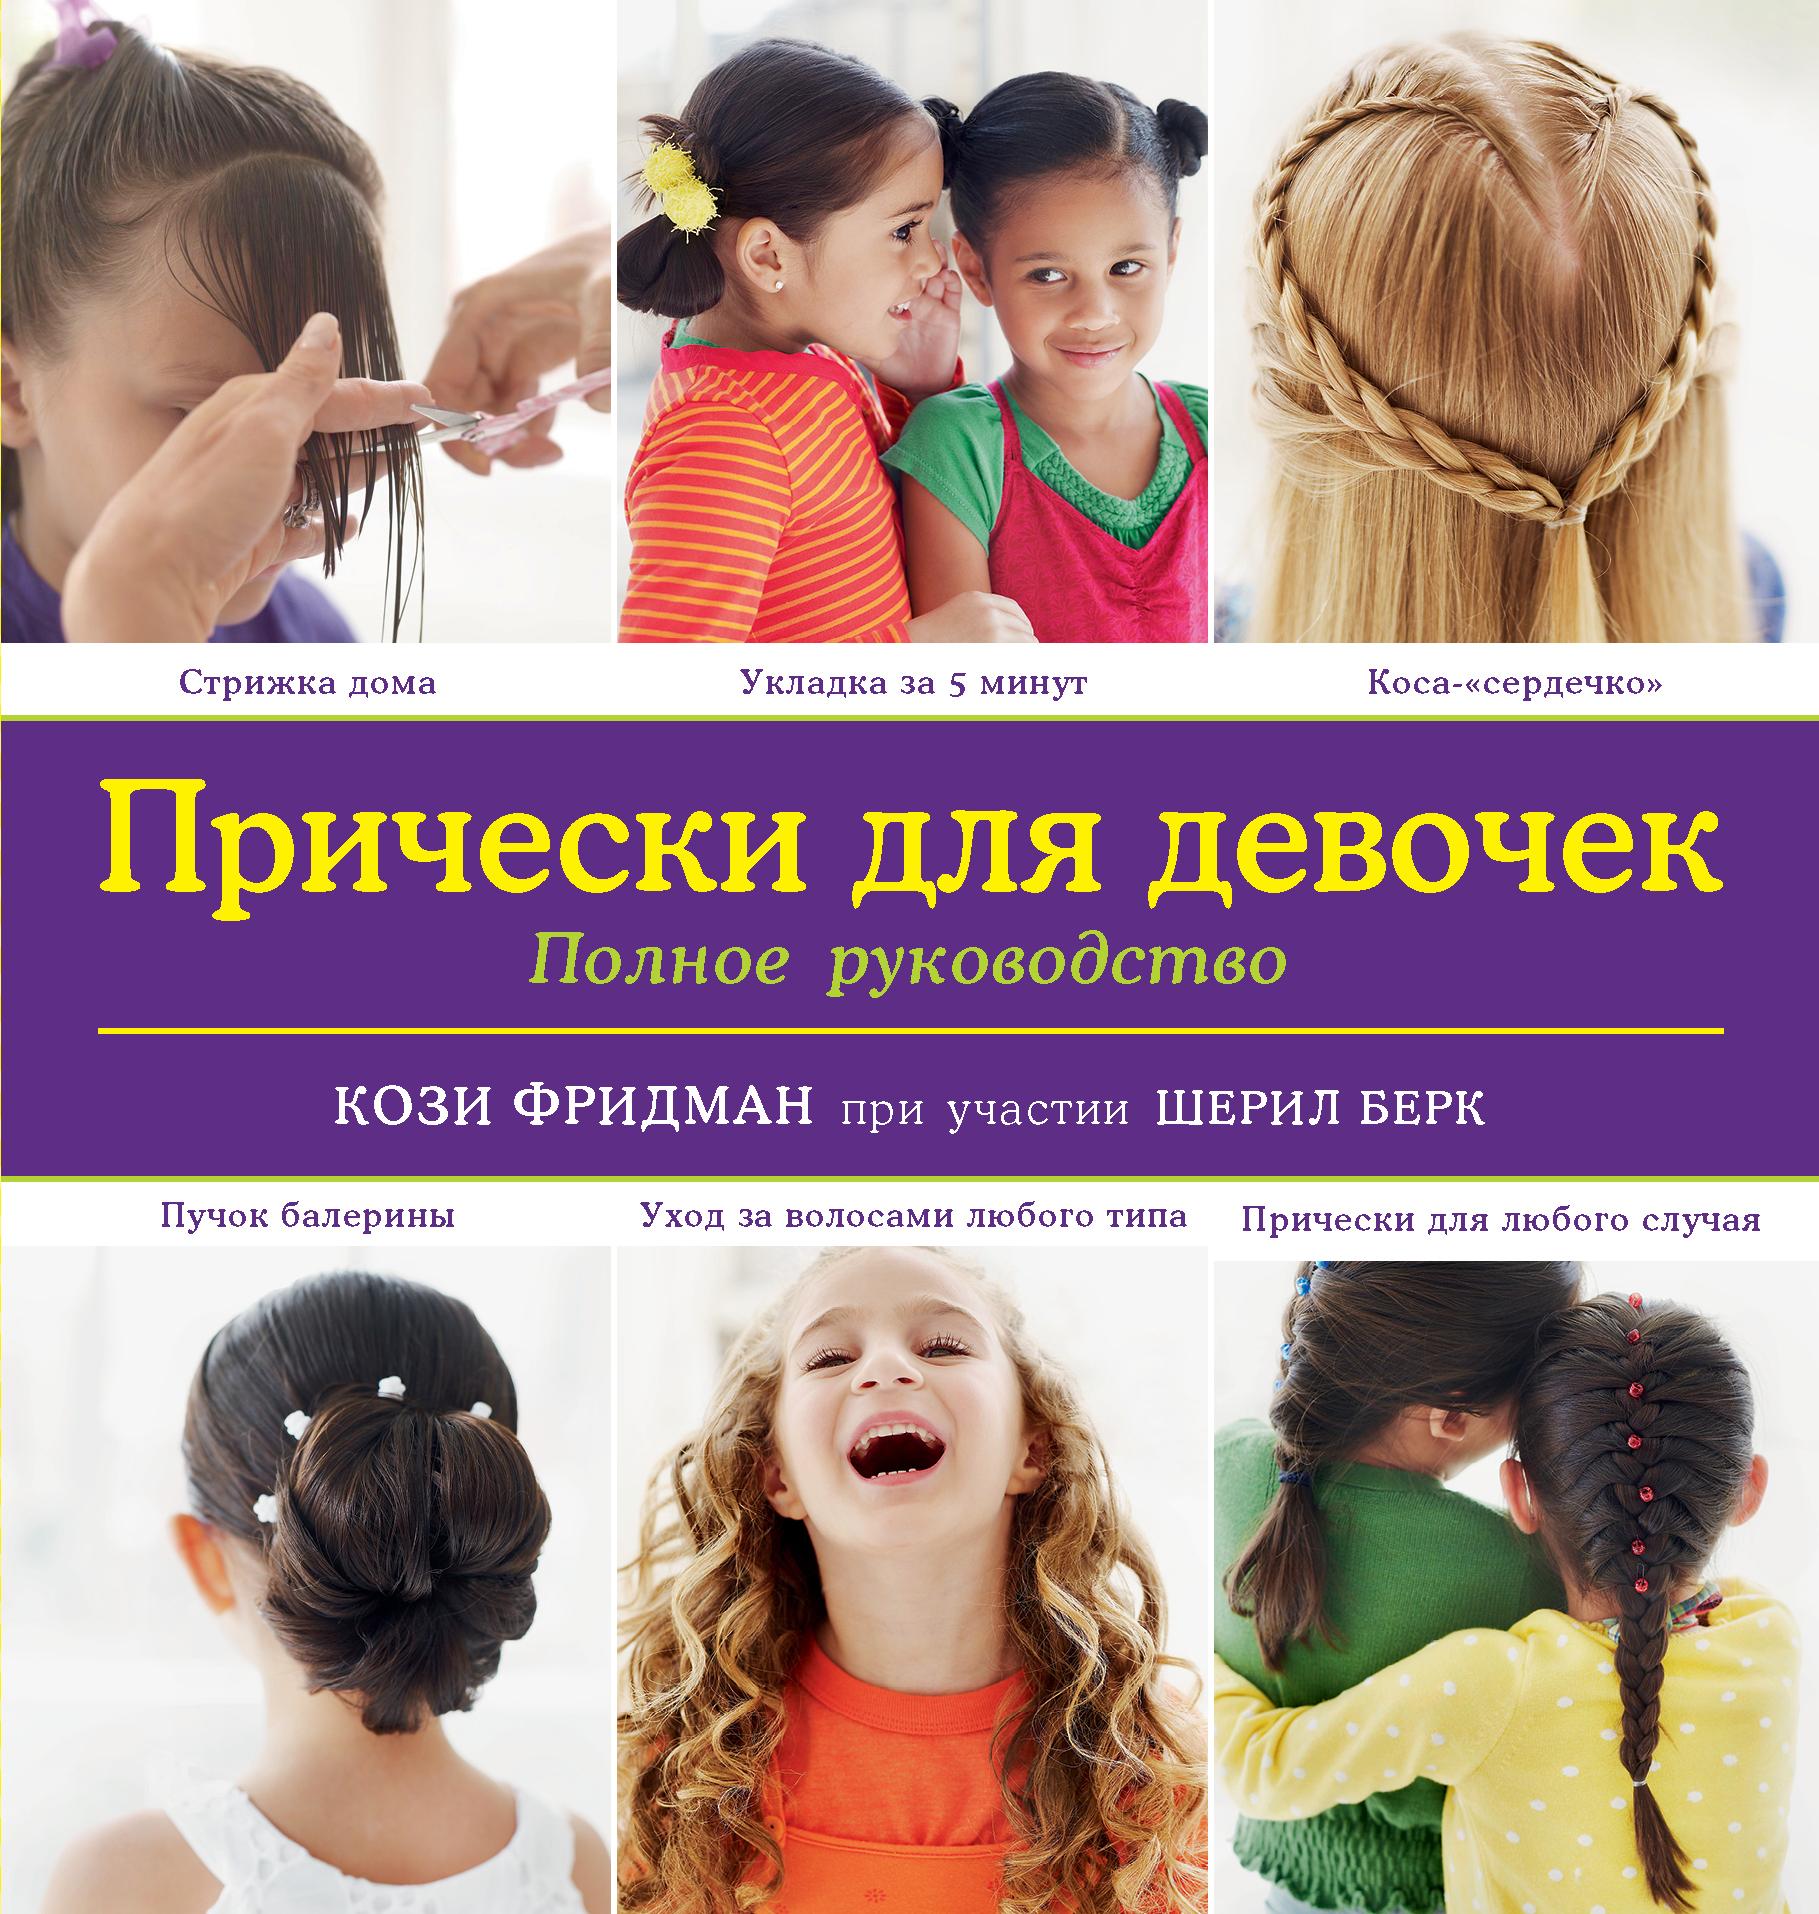 Прически для девочек. Полное руководство (KRASOTA. Для девочек)